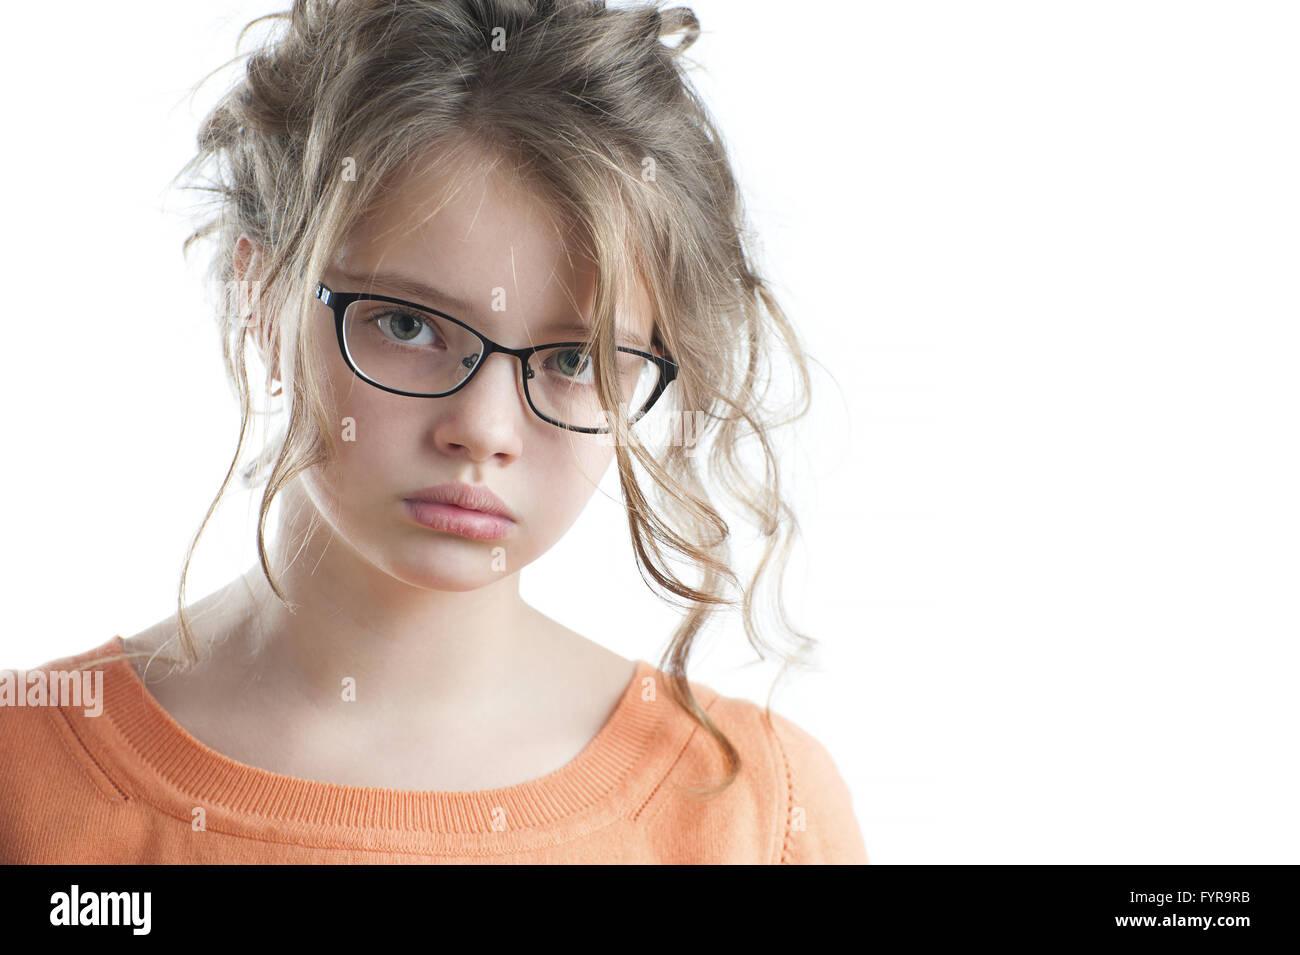 Porträt von einem hübschen Mädchen ein Jahrzehnt. Stockbild